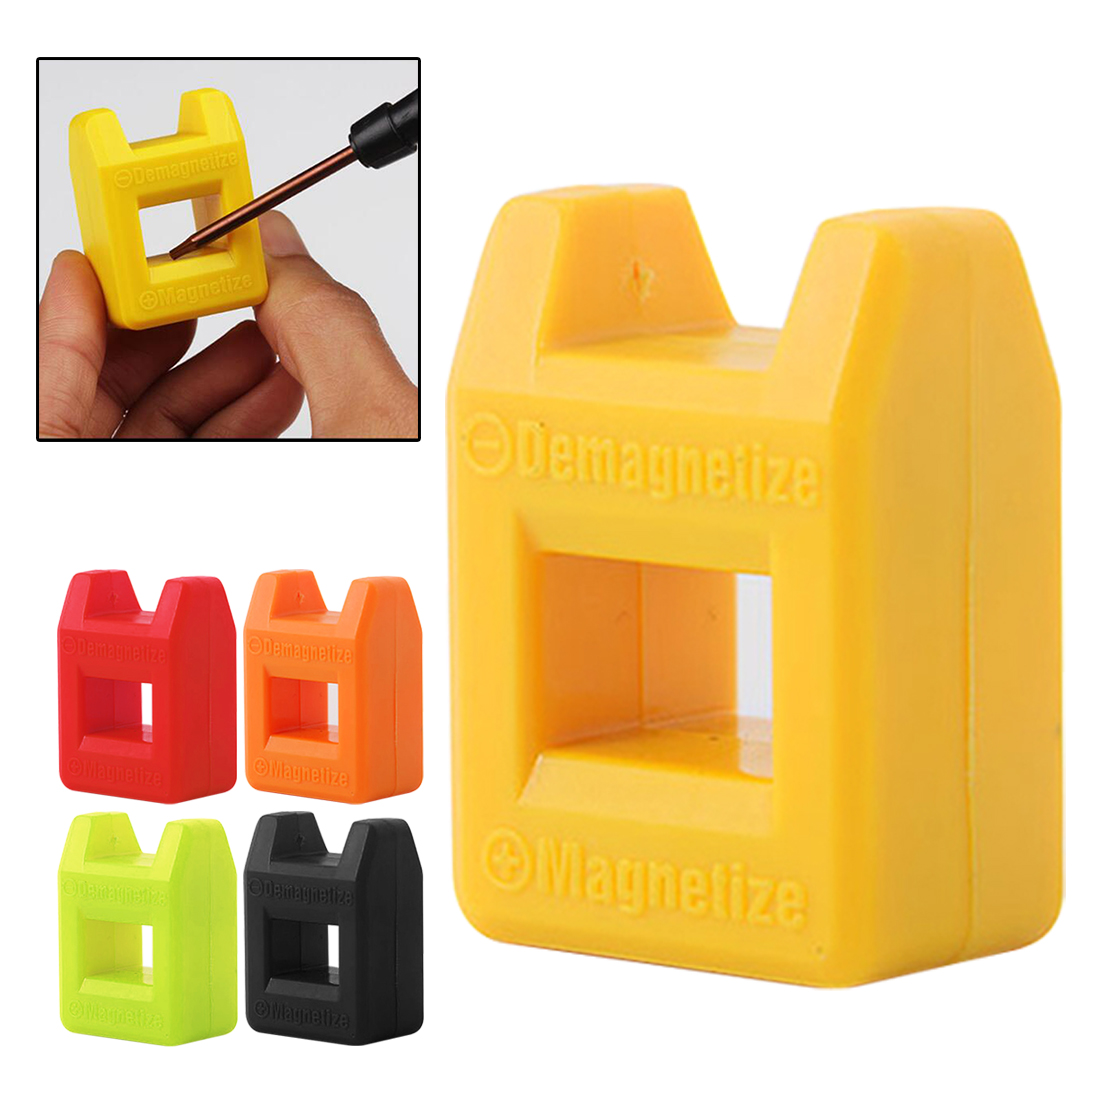 Desmagnetizador 2 en 1 herramienta Mini rápido 2 en 1 destornillador magnético herramientas de mano de color al azar